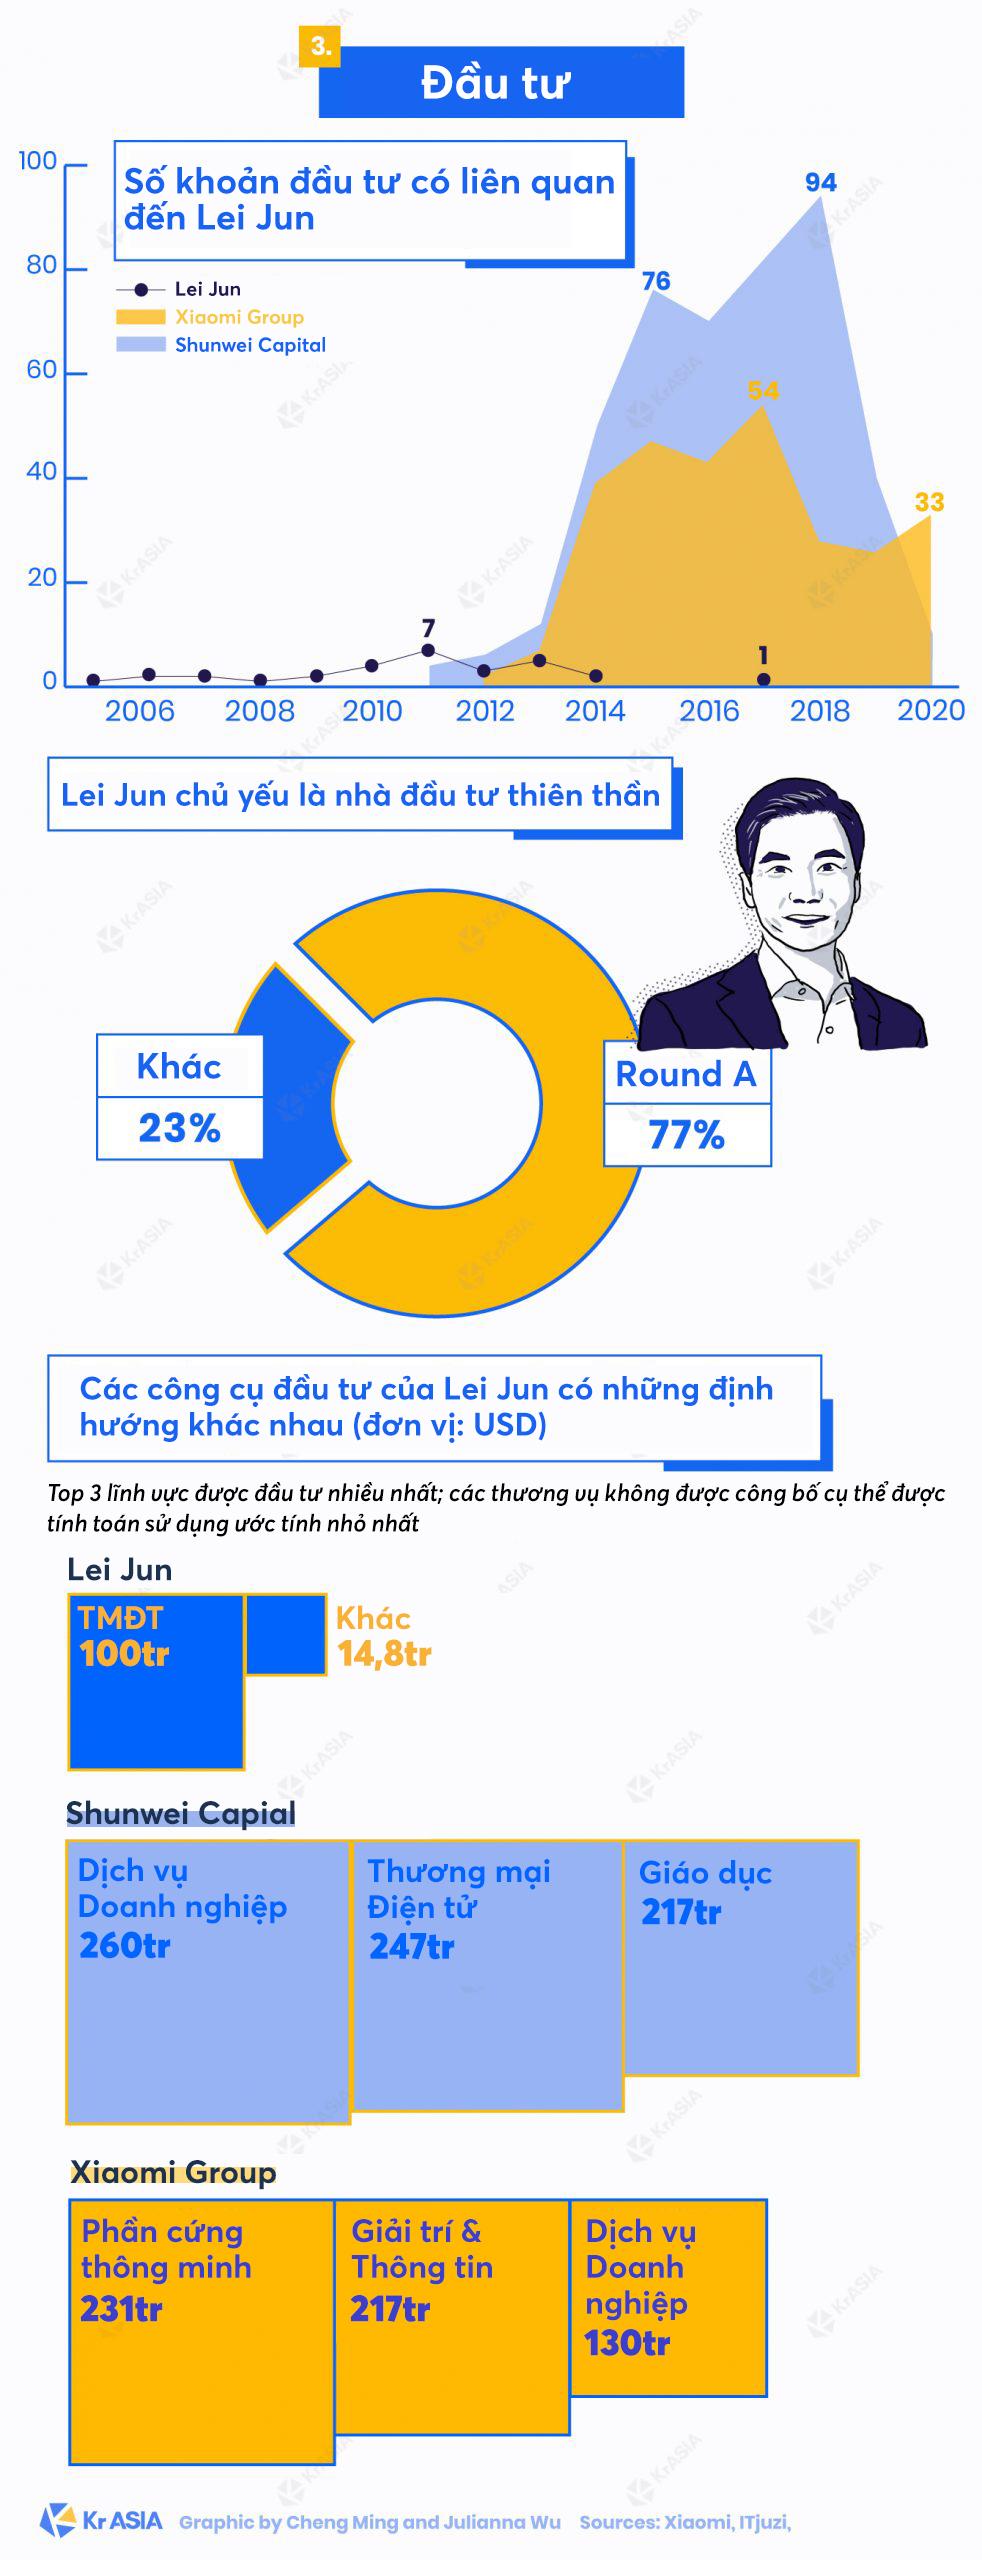 [Infographic] Gặp Lei Jun: 'Cha đẻ' của Xiaomi, người được ví von là Steve Jobs của Trung Quốc - Ảnh 3.